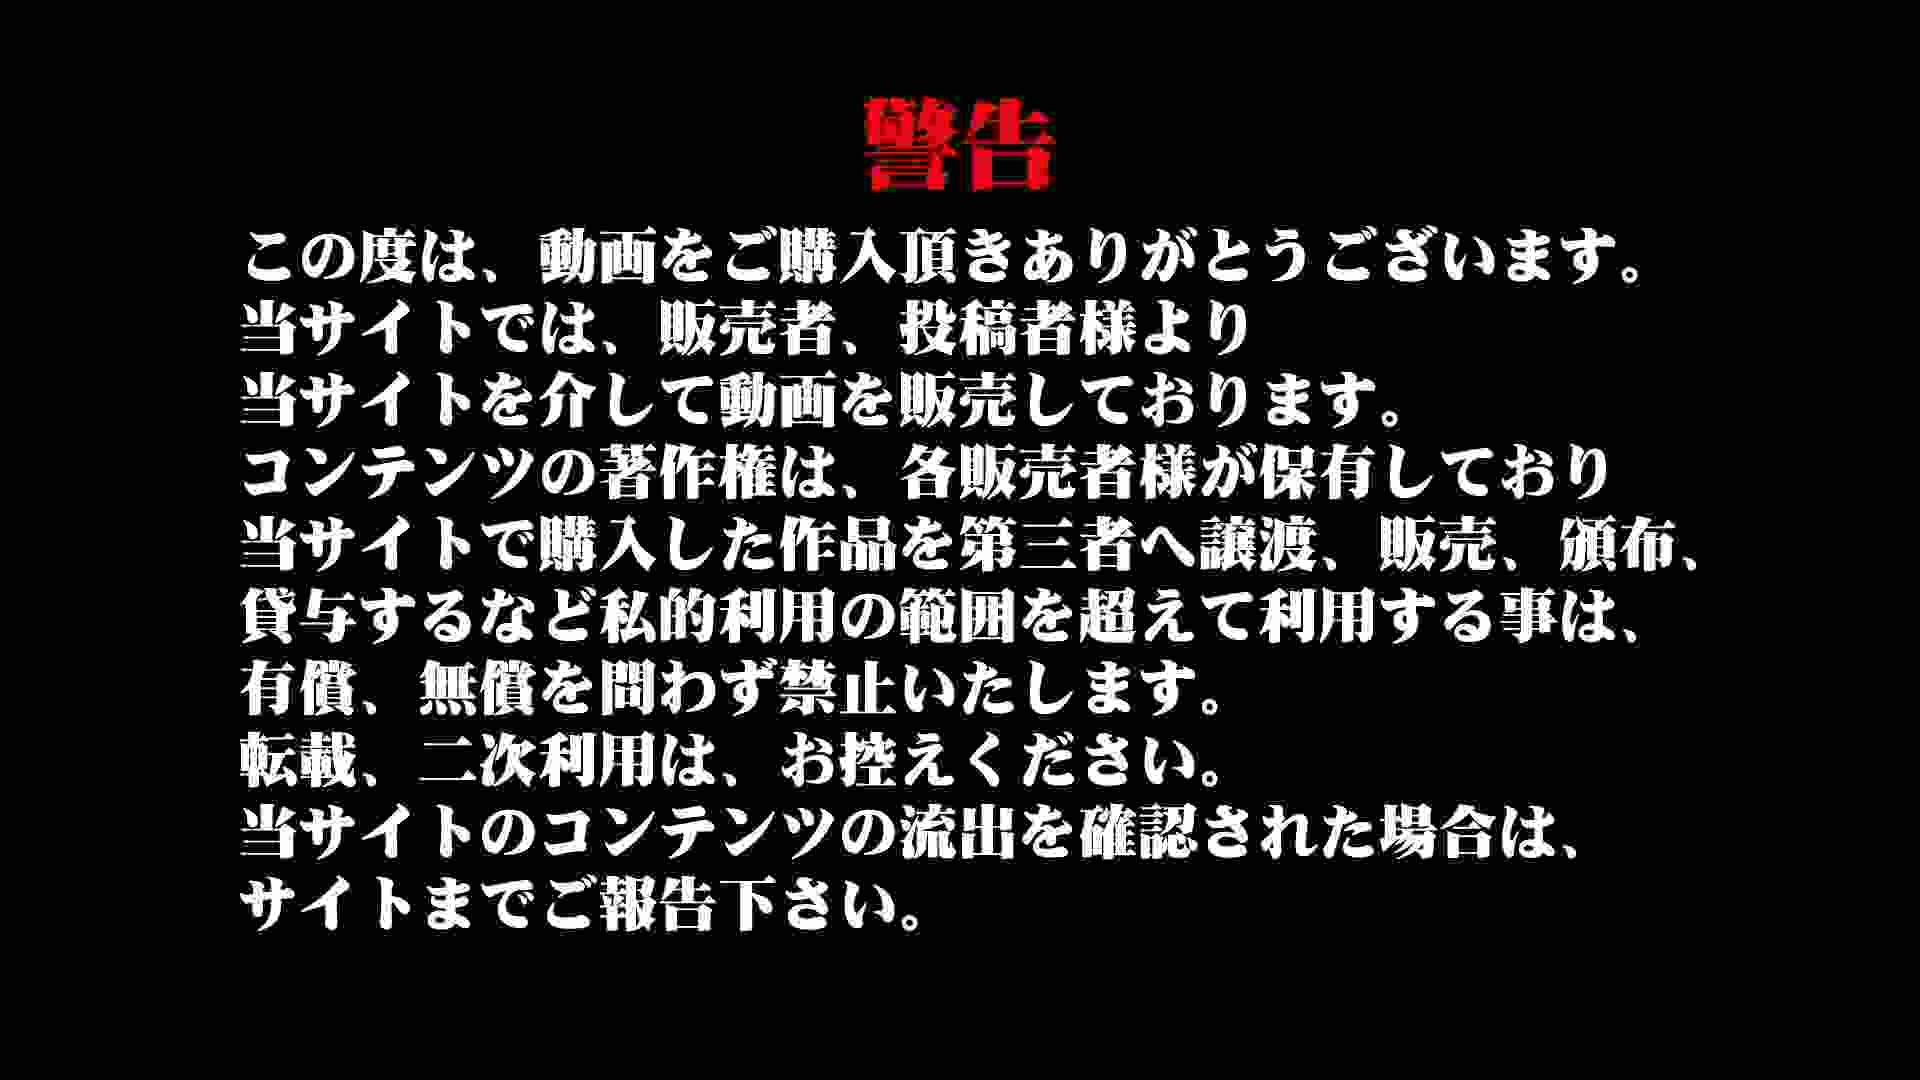 Aquaな露天風呂Vol.927 OLのエロ生活  89連発 36